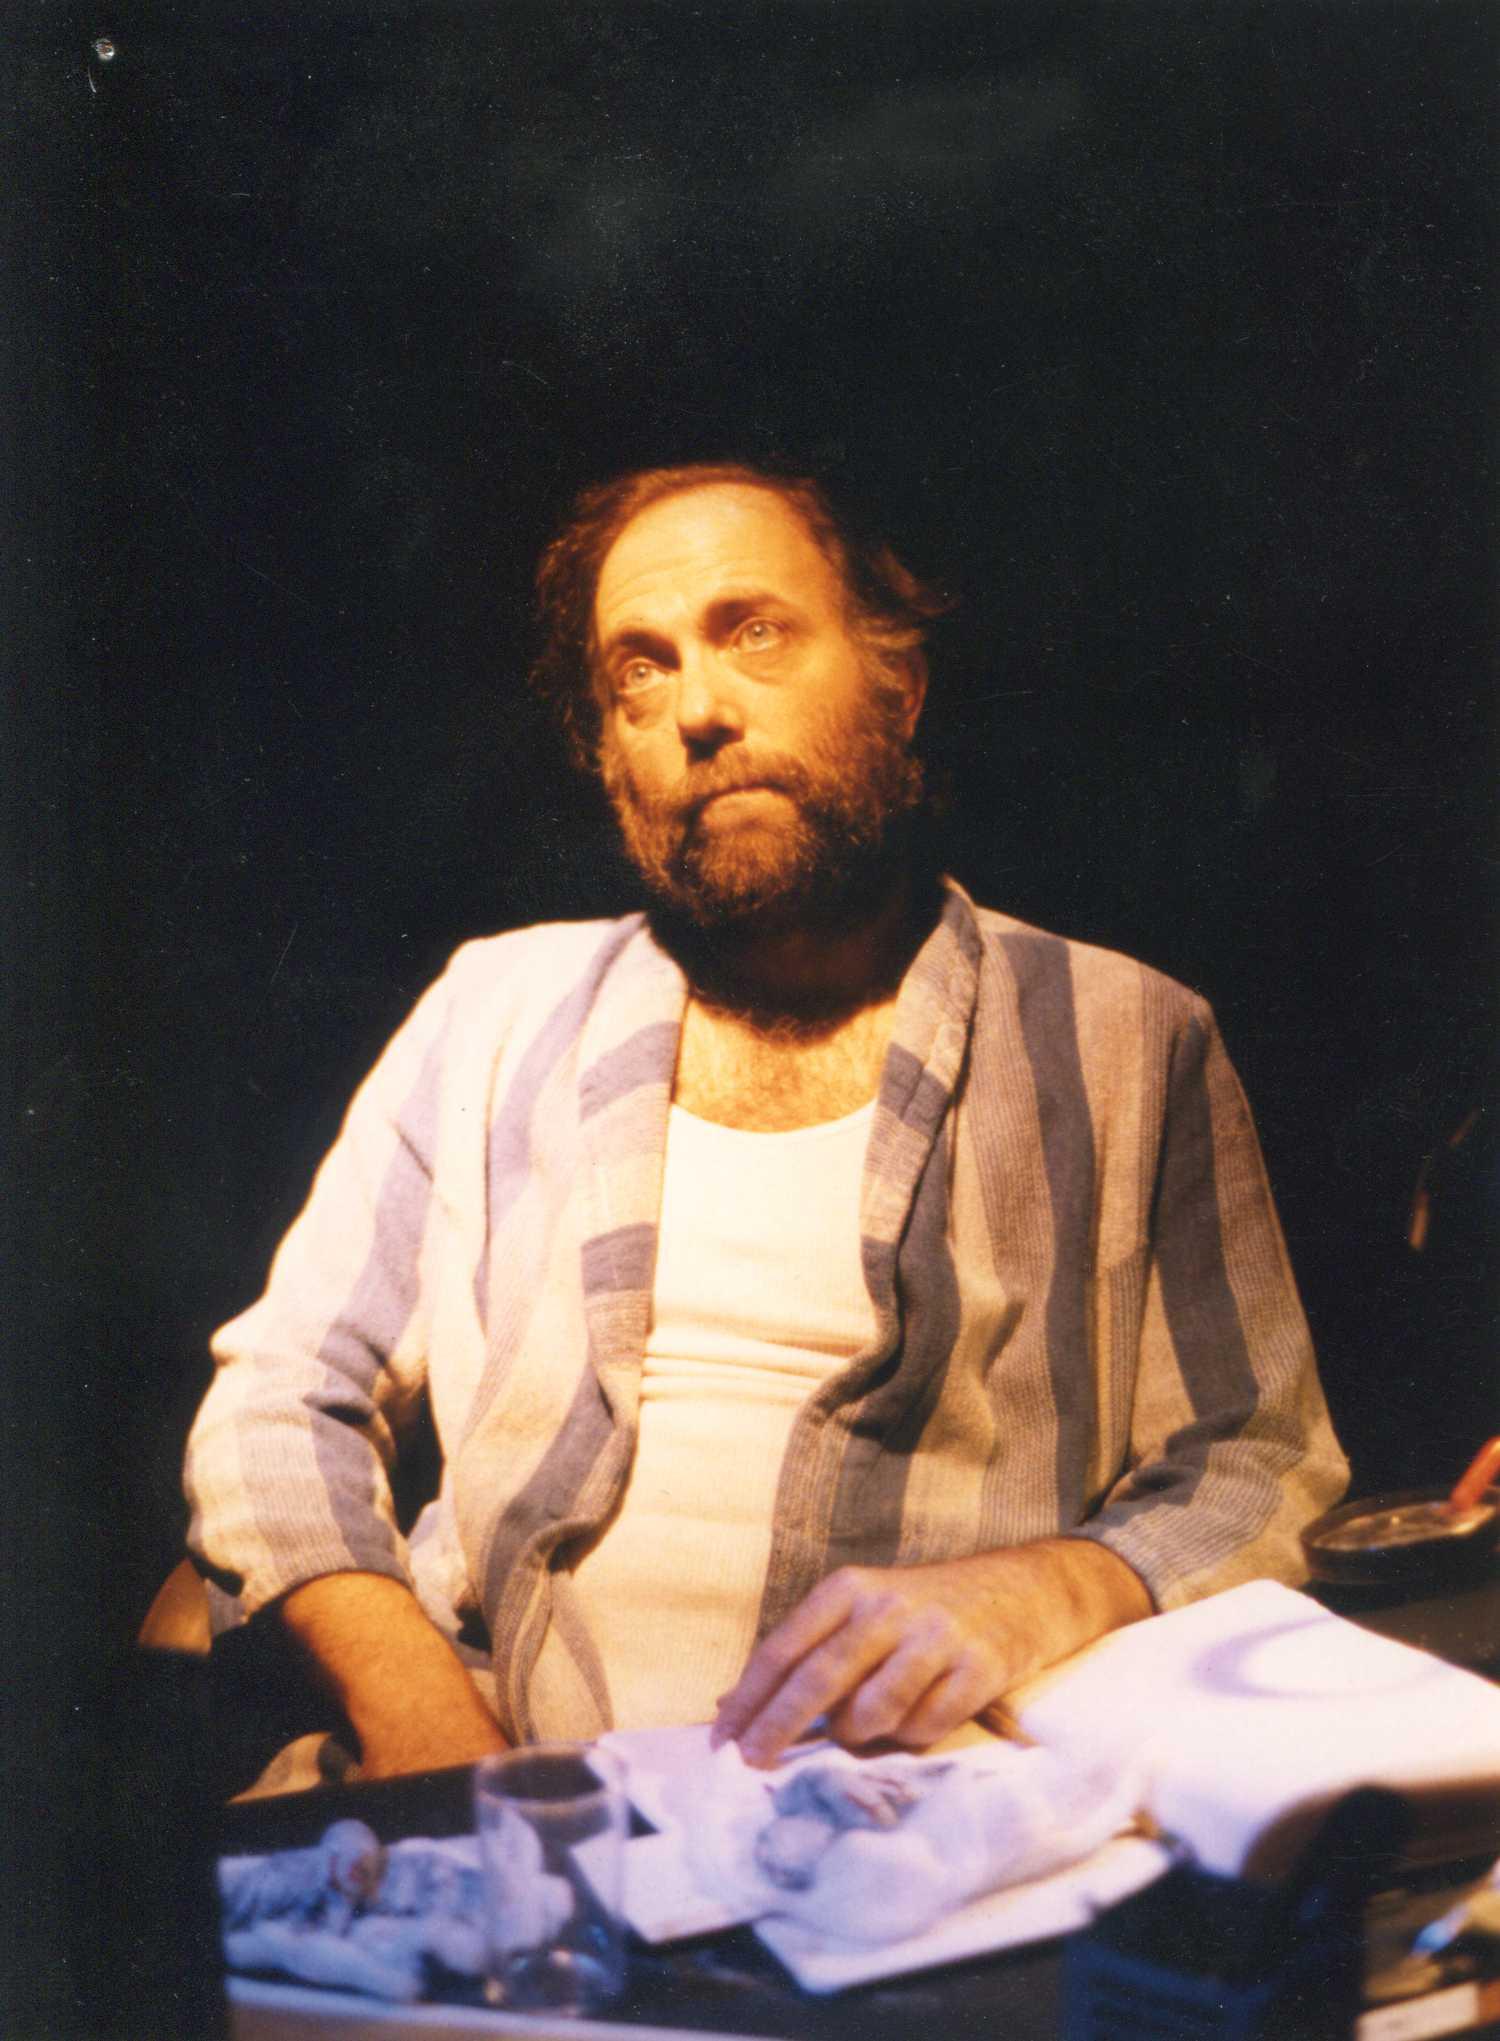 Tim-Moyer-in-UNDER-YELENA-1998.jpg